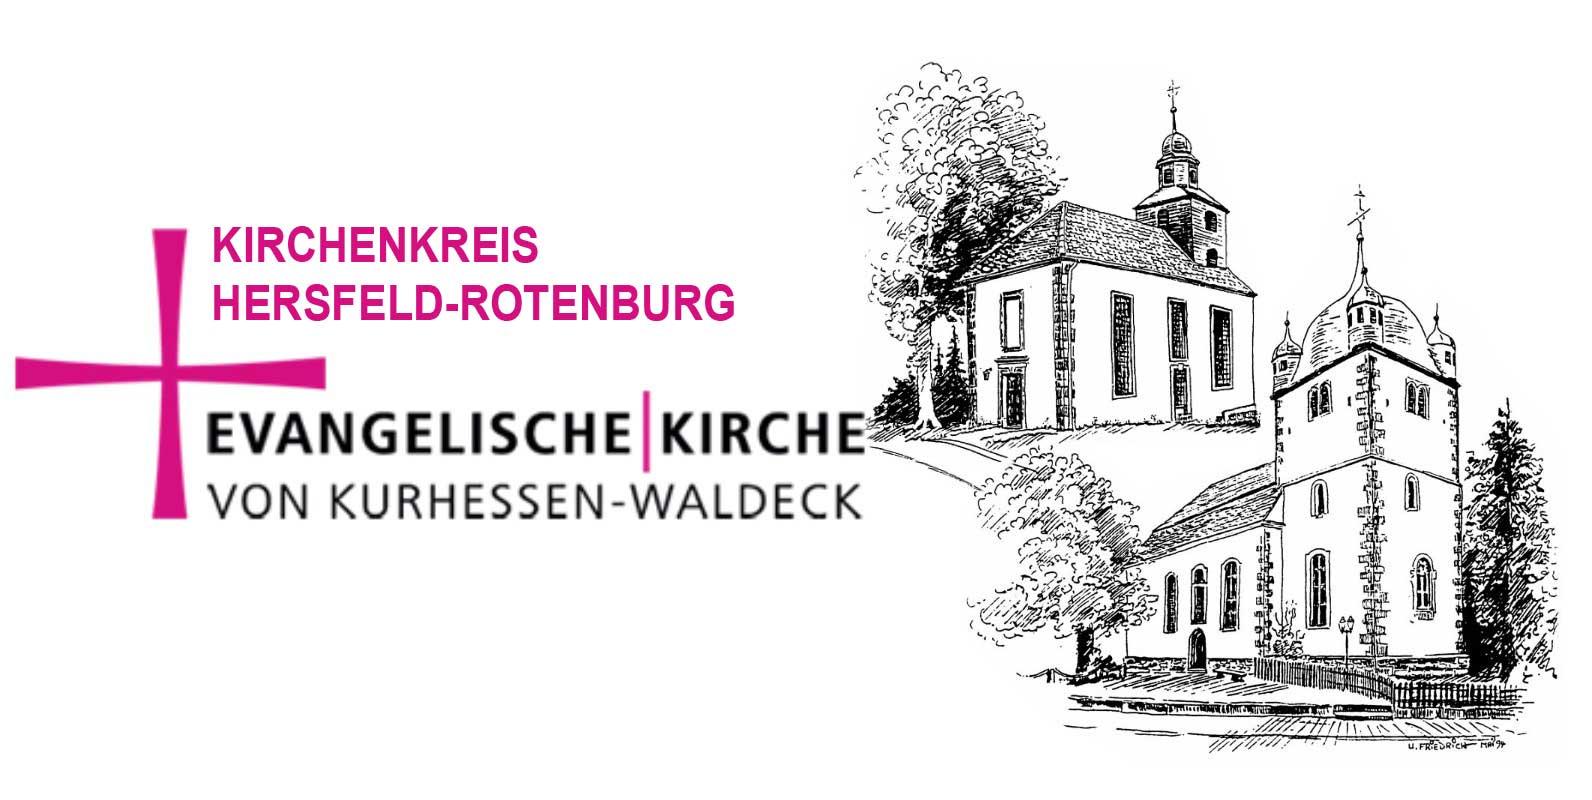 Evangelische Kirchengemeinde Wehrda Rhina